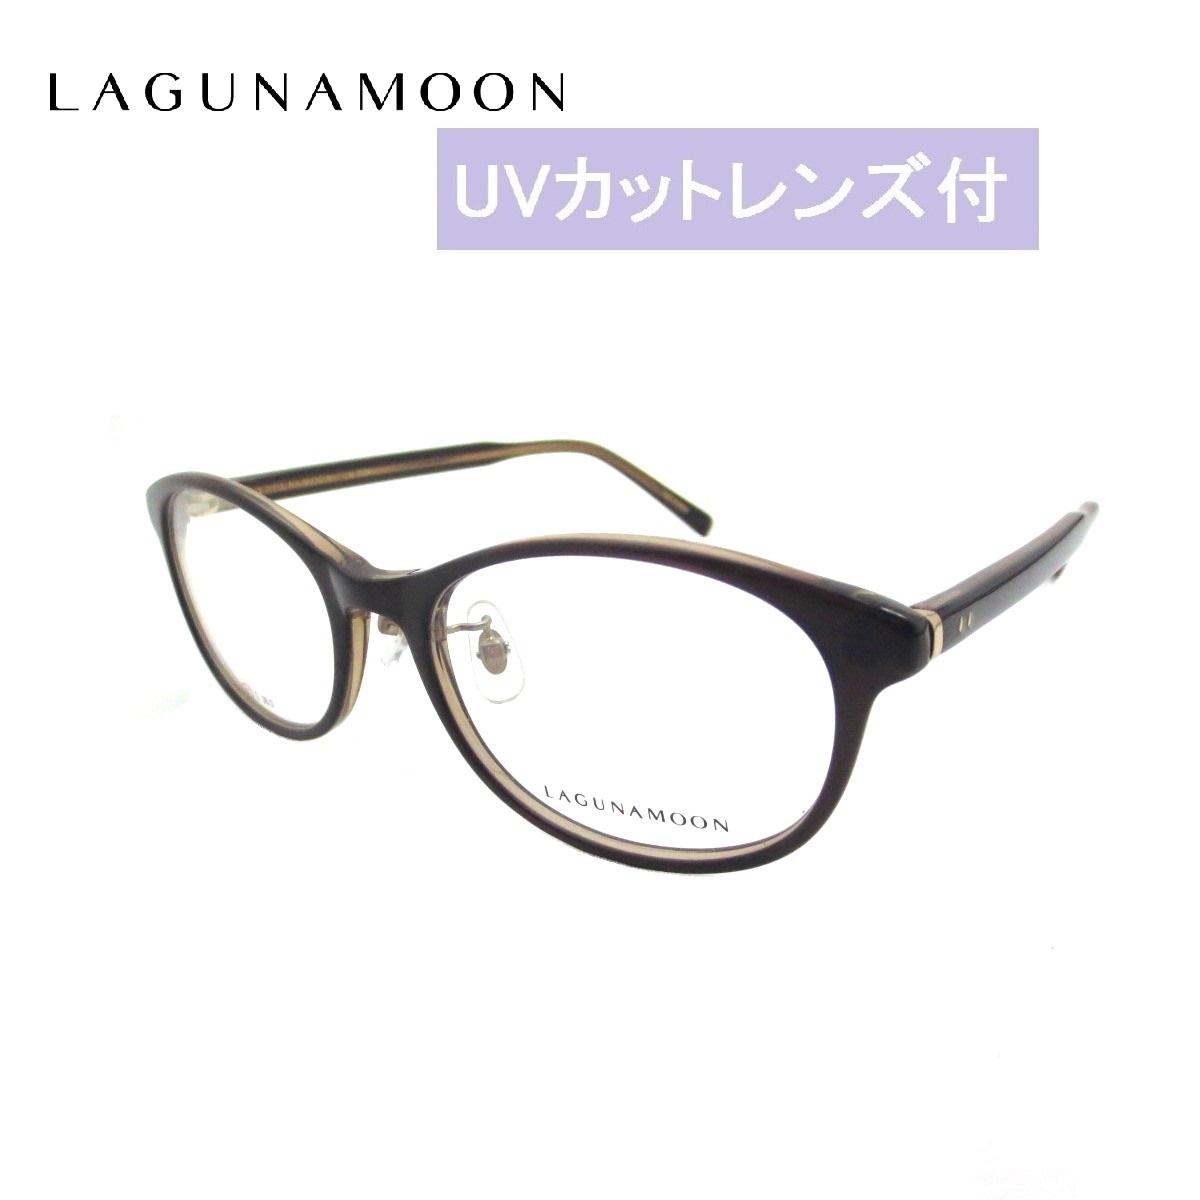 LAGUNAMOON(ラグナムーン)LM5026 3(51)だてめがね 度付きメガネ 追加料金なしでOK クリアレンズ 近視 乱視 老眼鏡 ブルーライト【UVカット伊達メガネ(UV400)】